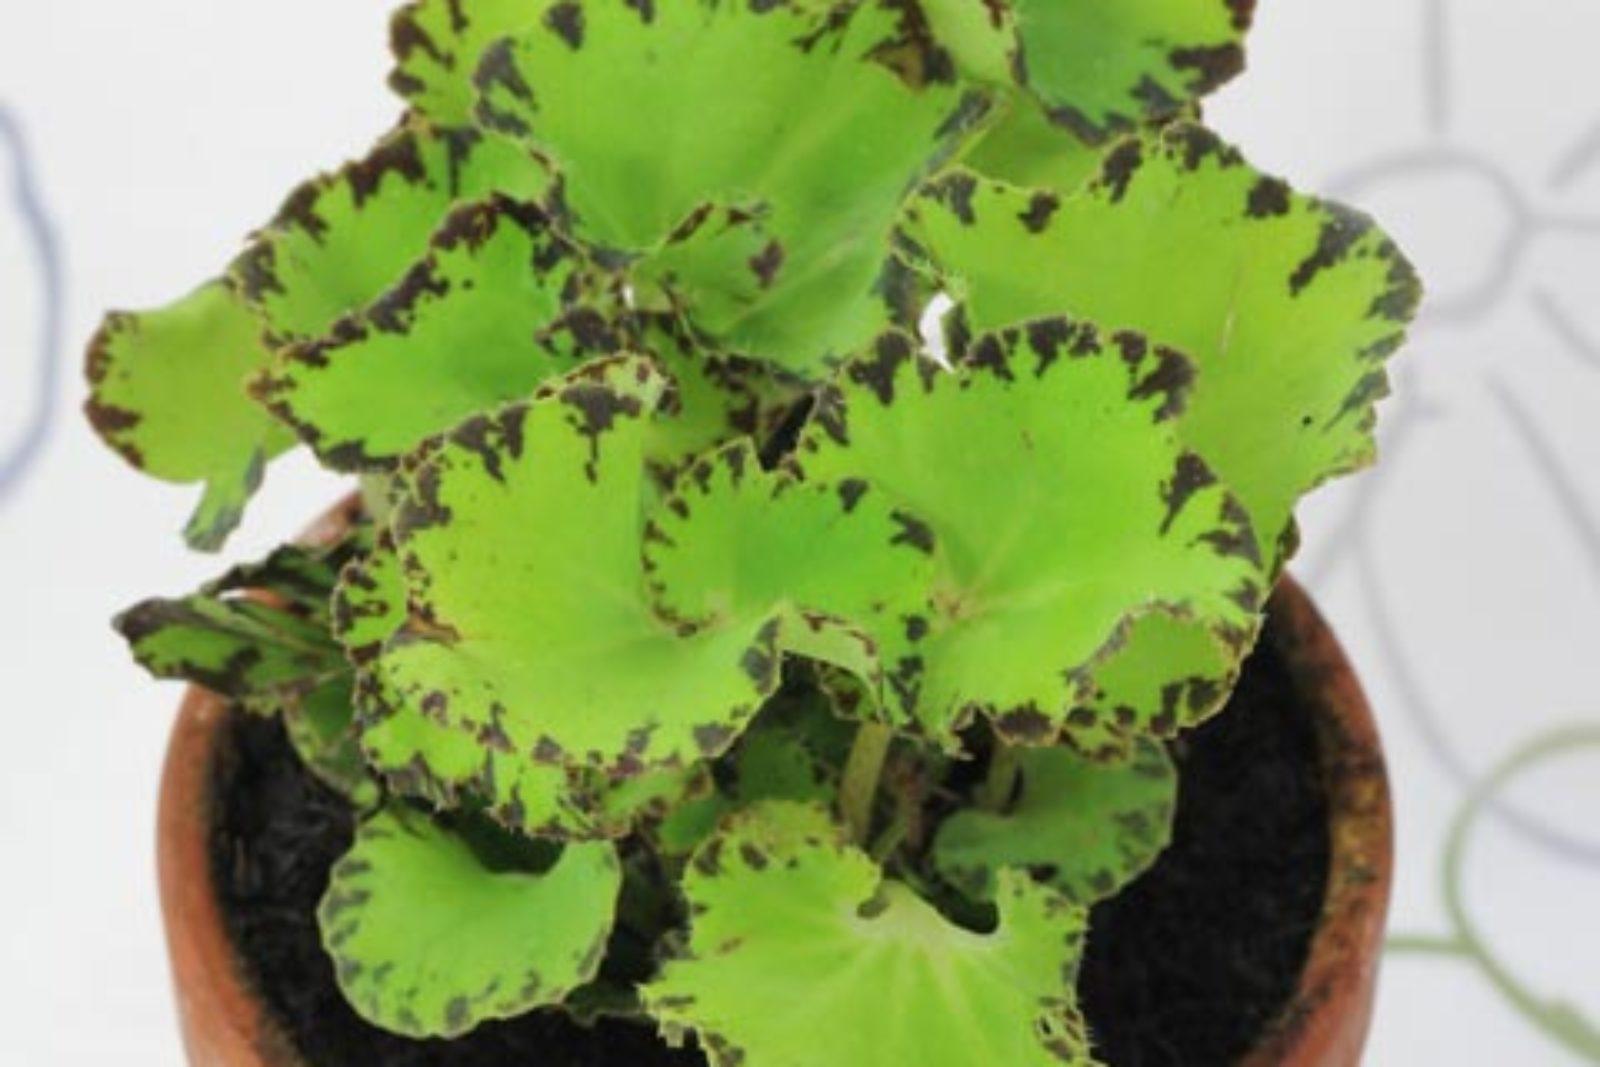 Begonia bowerae